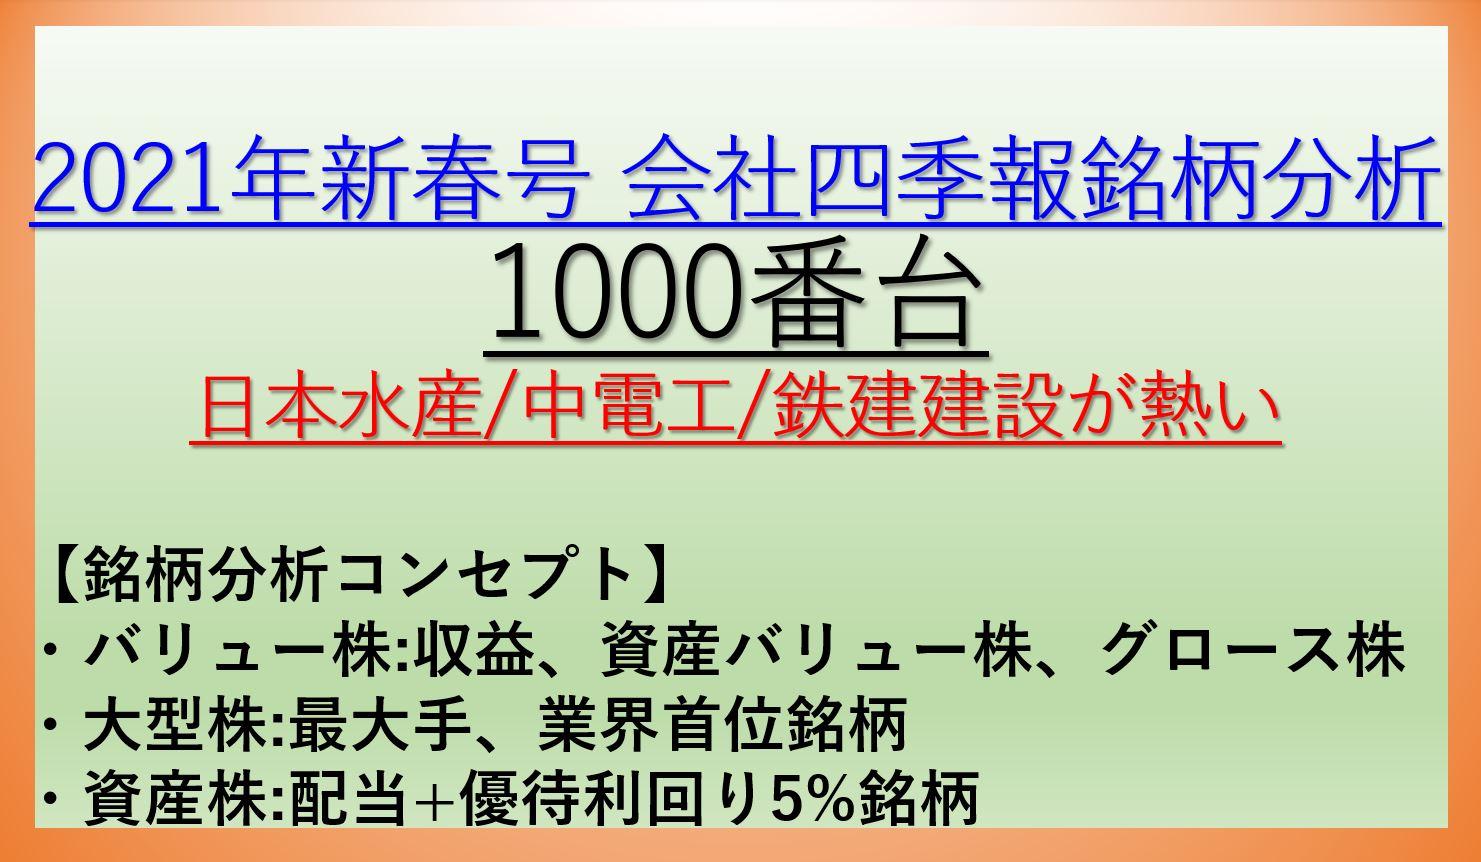 2021年新春号-会社四季報銘柄分析-1000番台